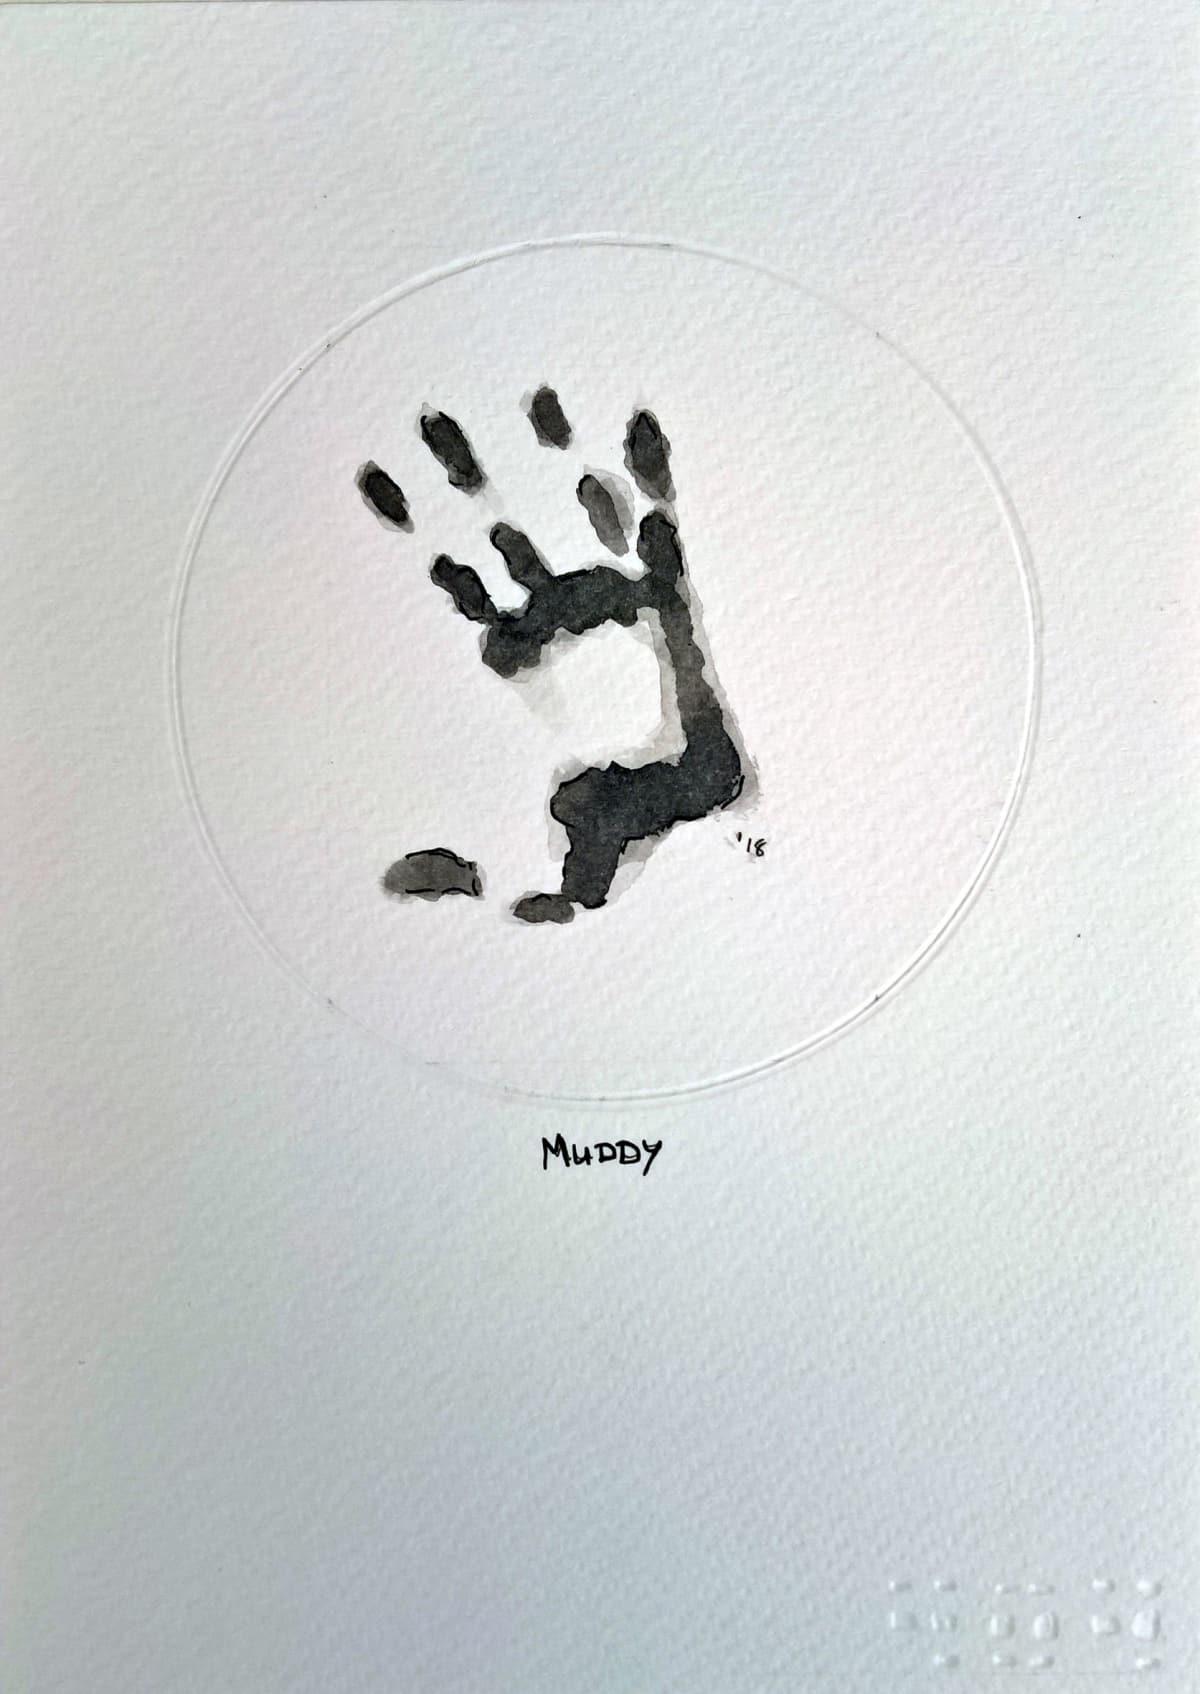 404, Muddy (B), 2018